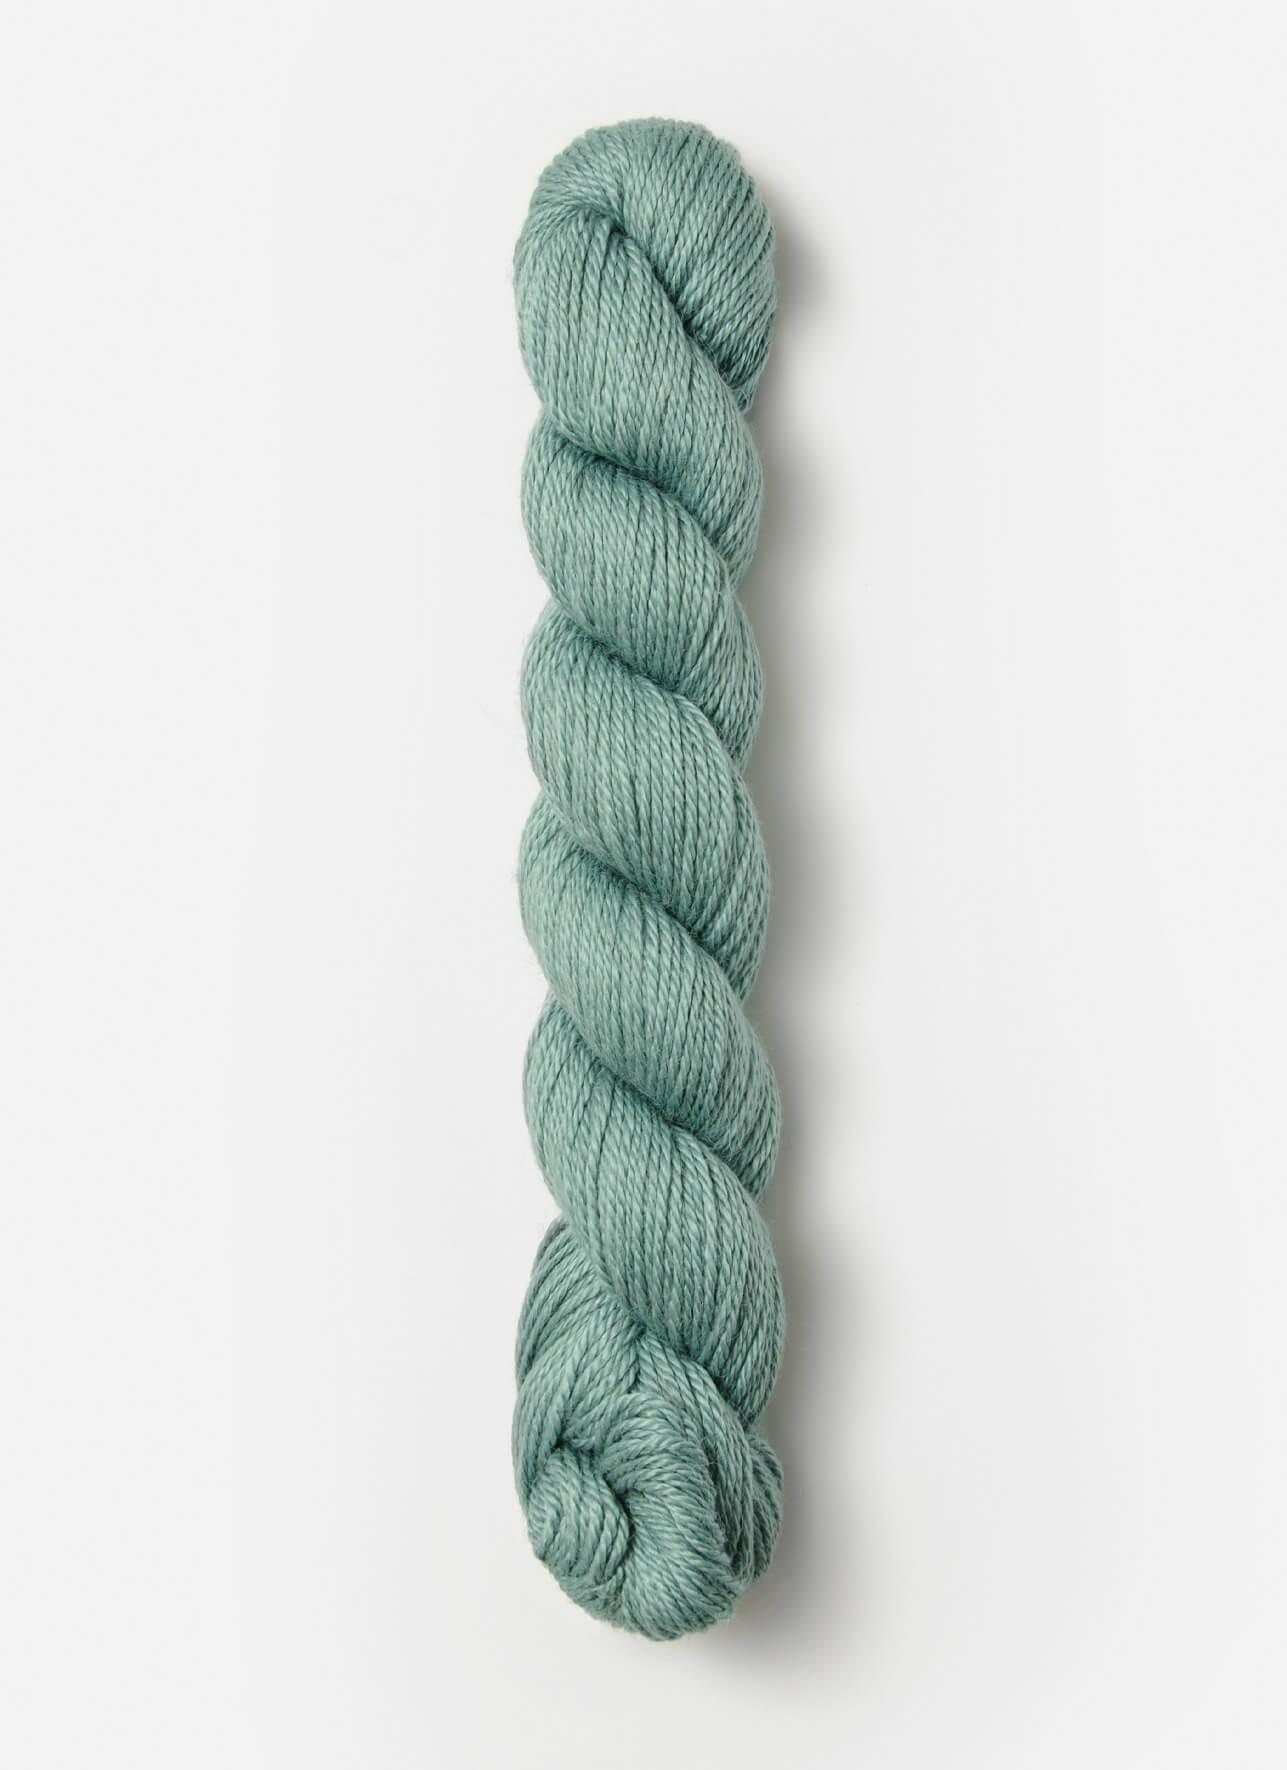 No. 137: Sapphire